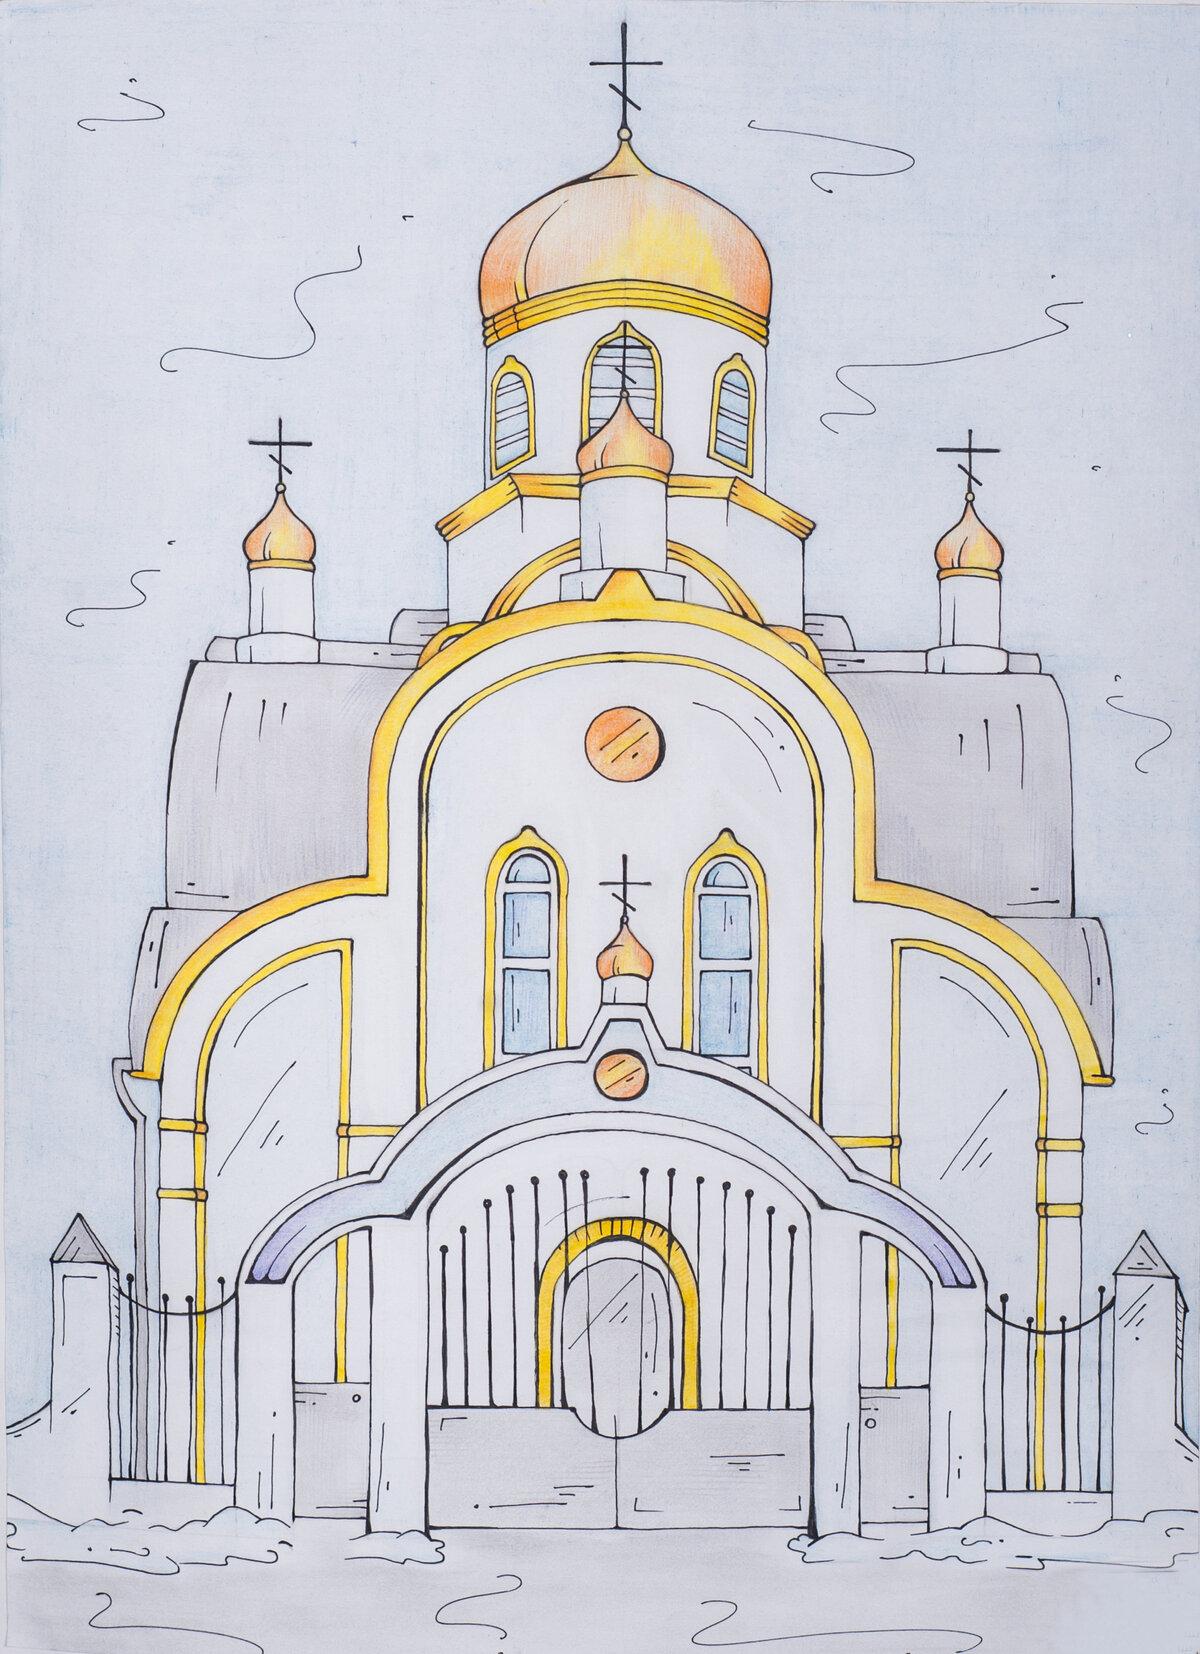 Картинки соборов для рисования